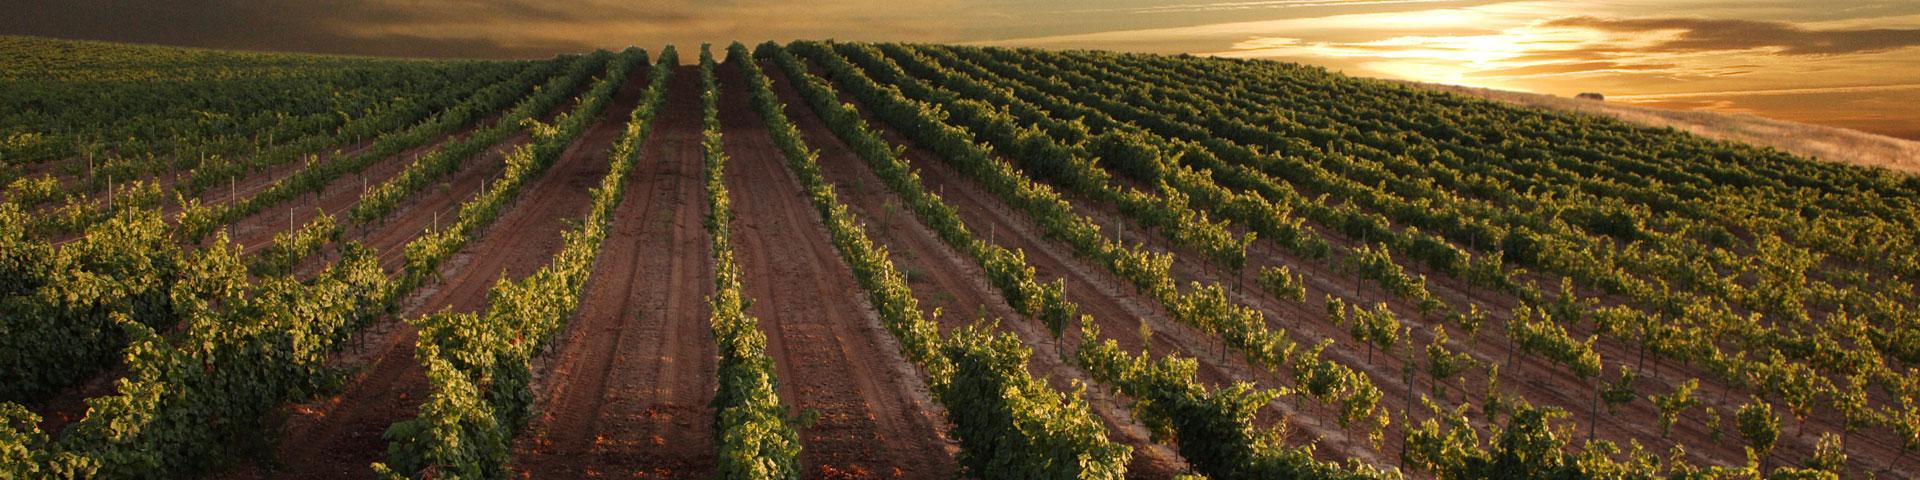 Arlanza Wine Route